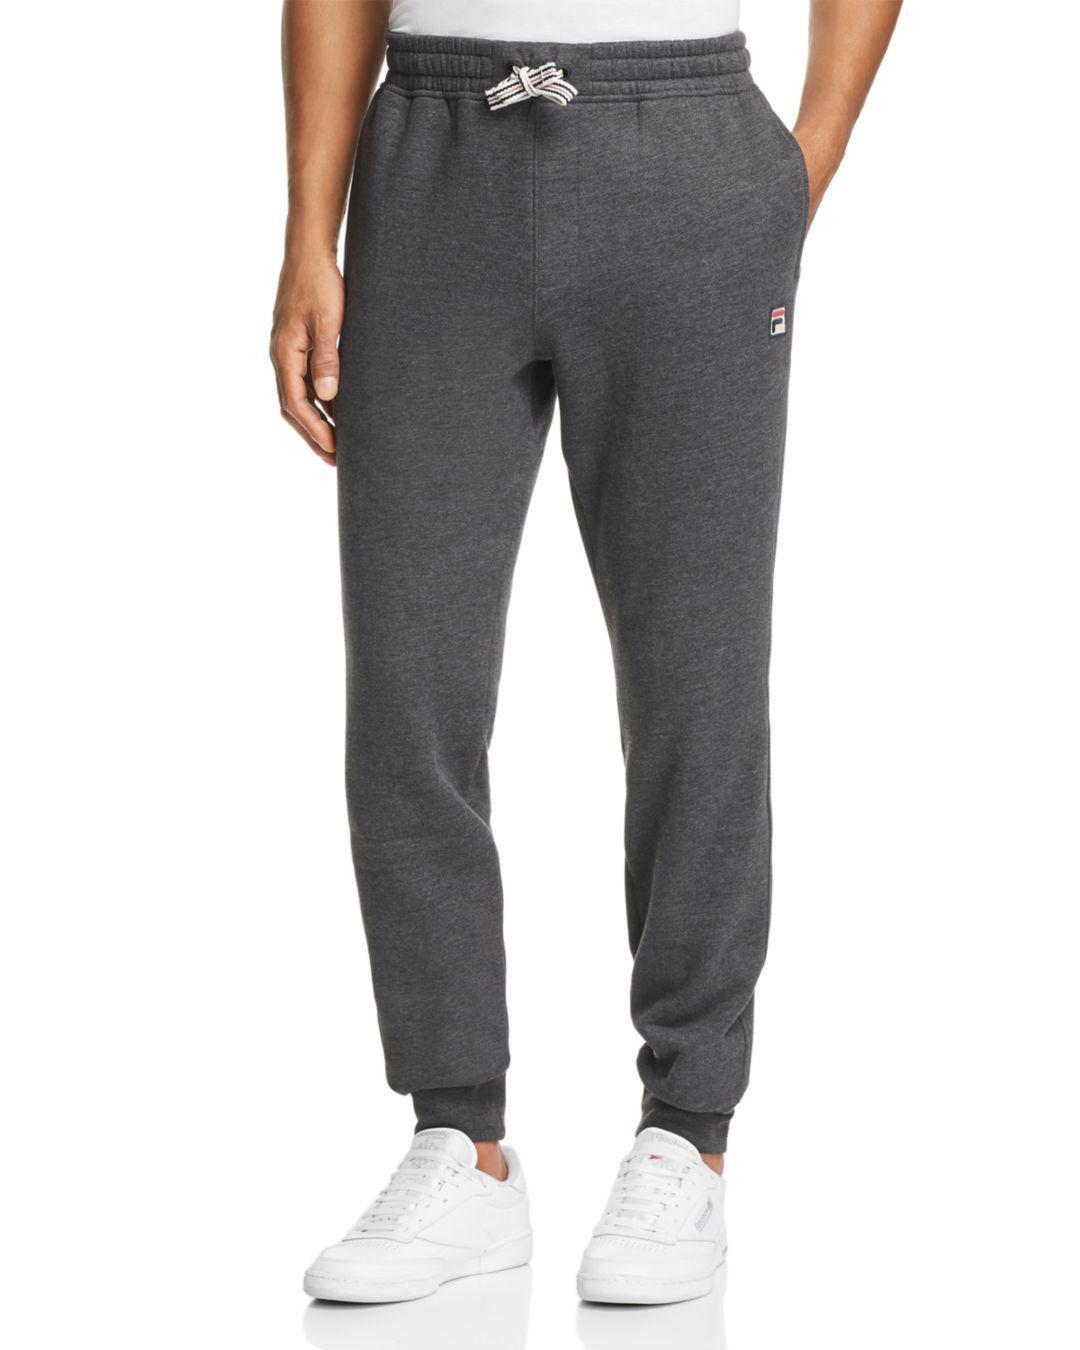 7457fdc2f056e Lyst - Fila Visconti Jogger Pants in Gray for Men